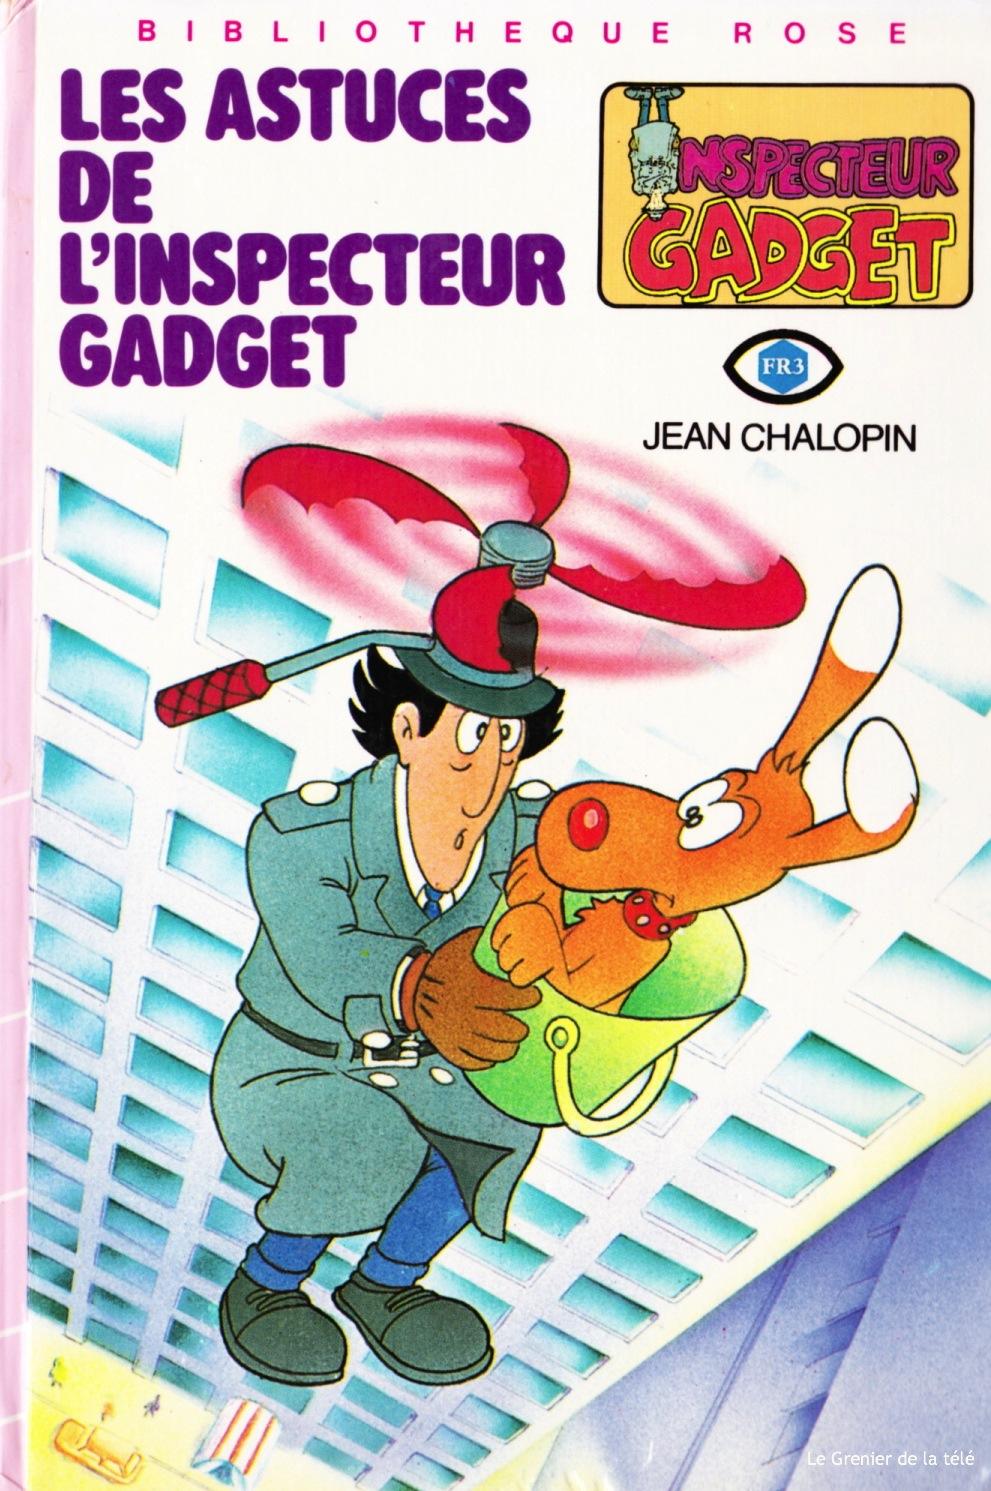 http://grenierdelatv.free.fr/2/inspecteurgadgetastuces01.jpg